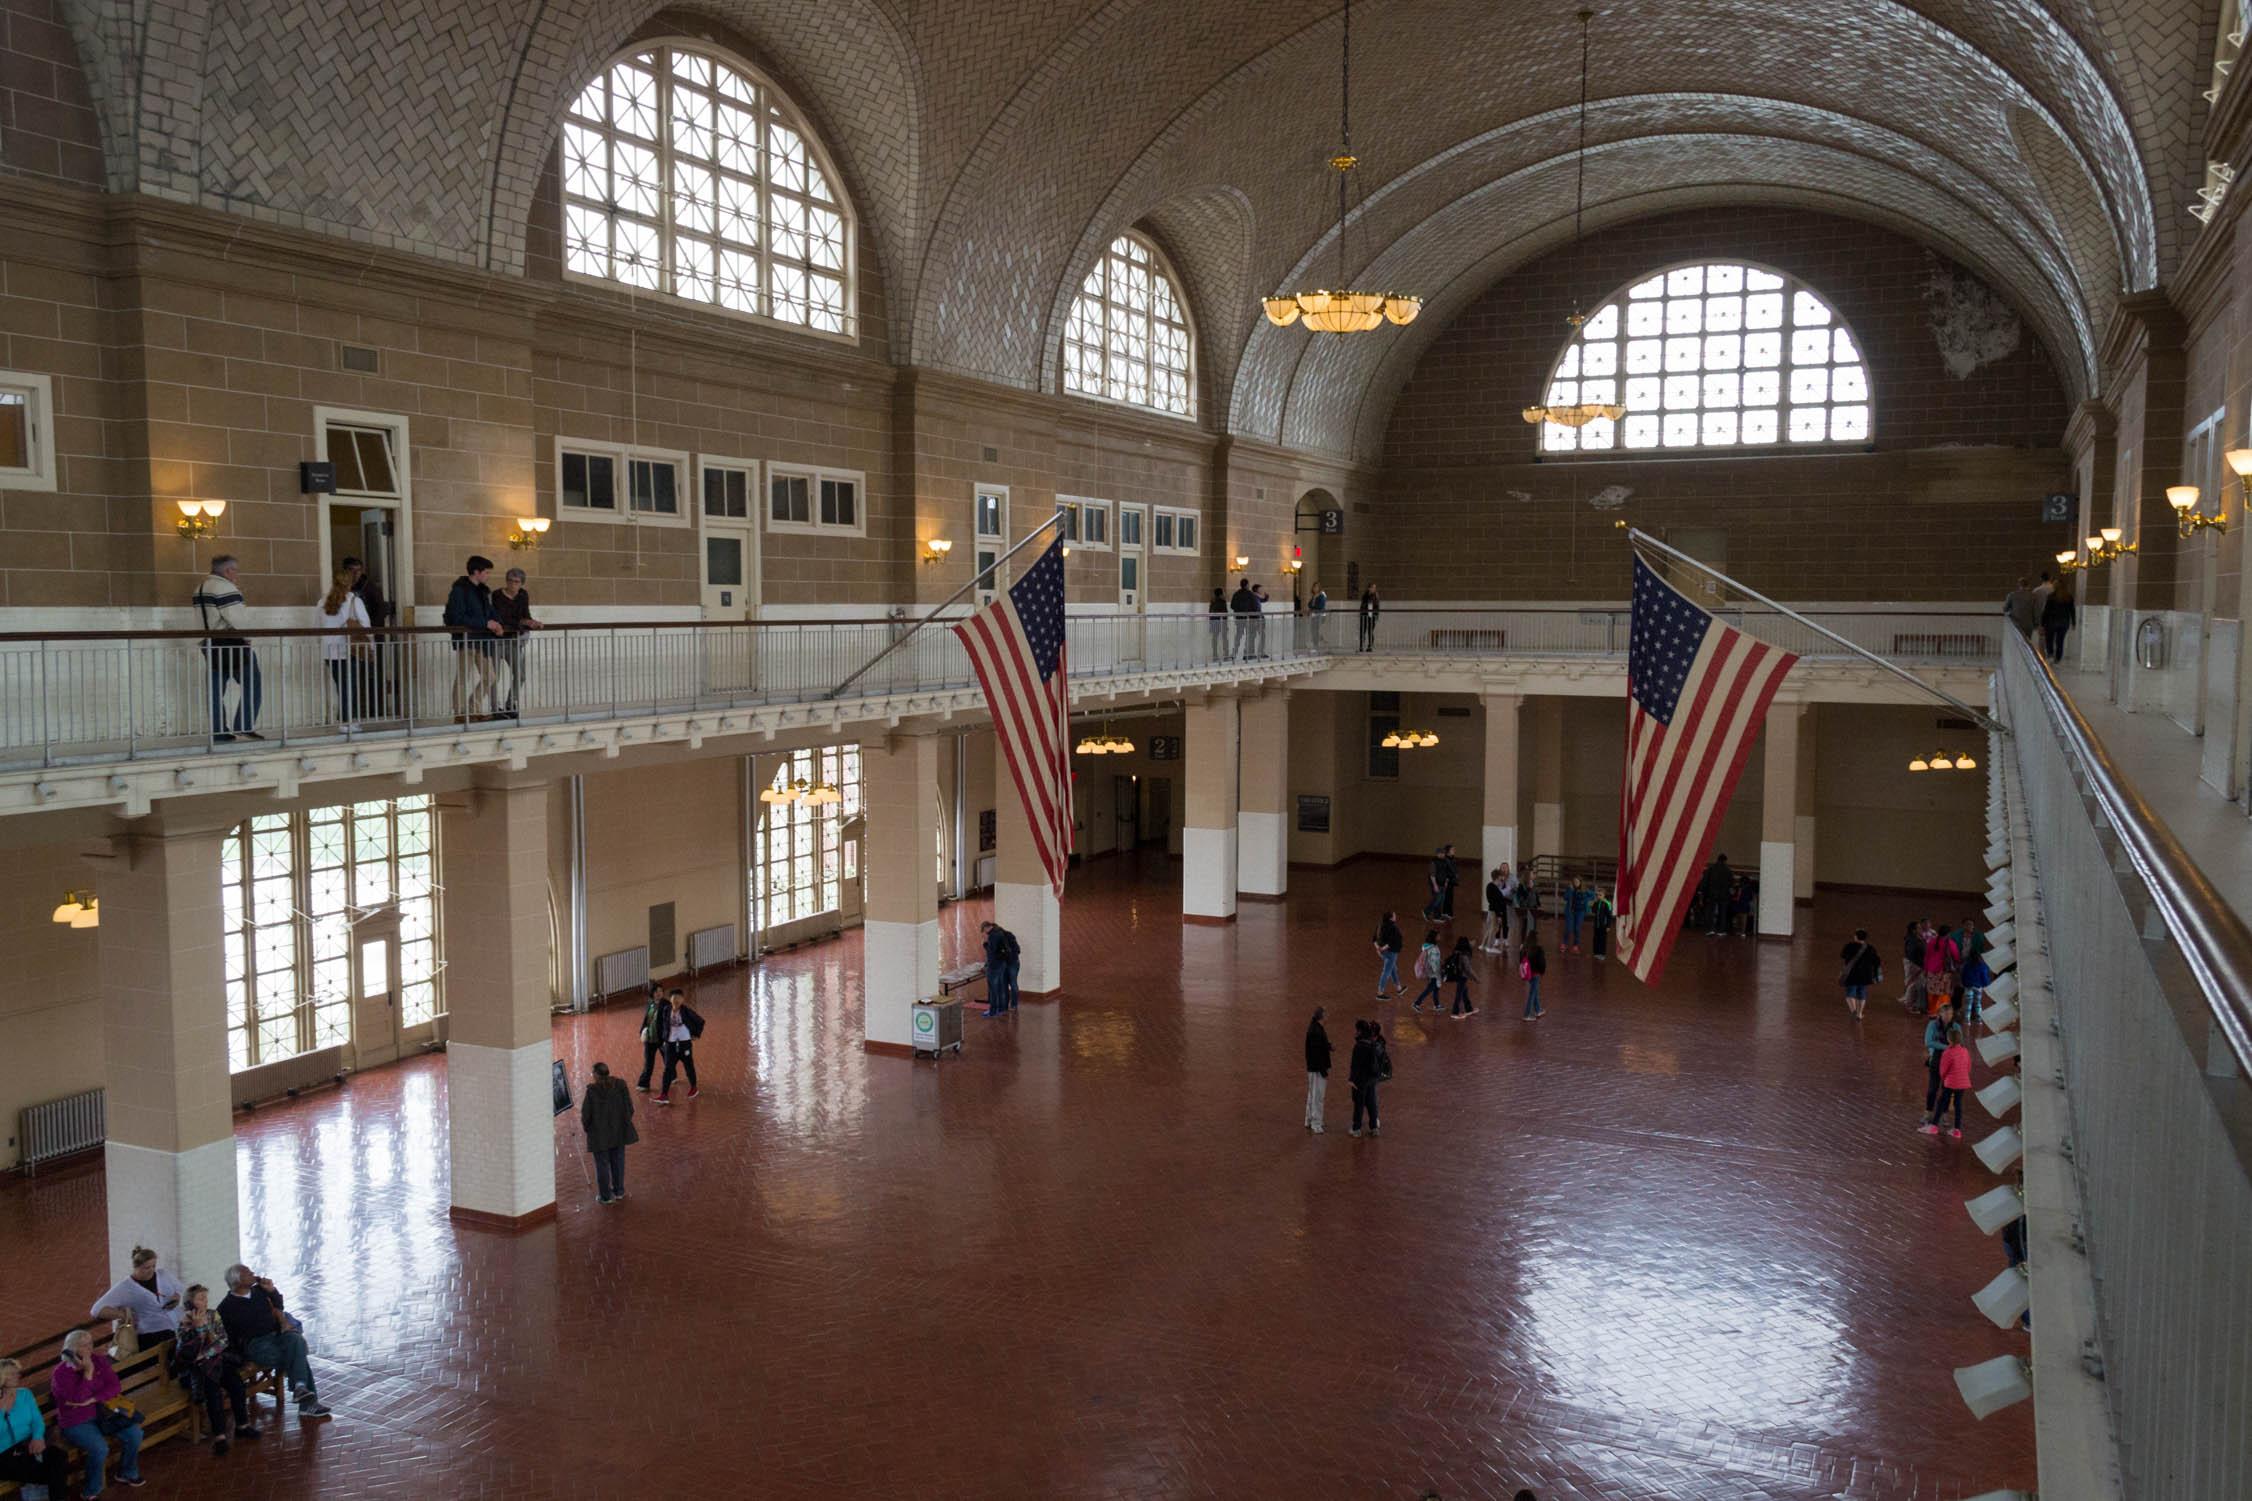 Le Grand Hall où les migrants étaient accueillis